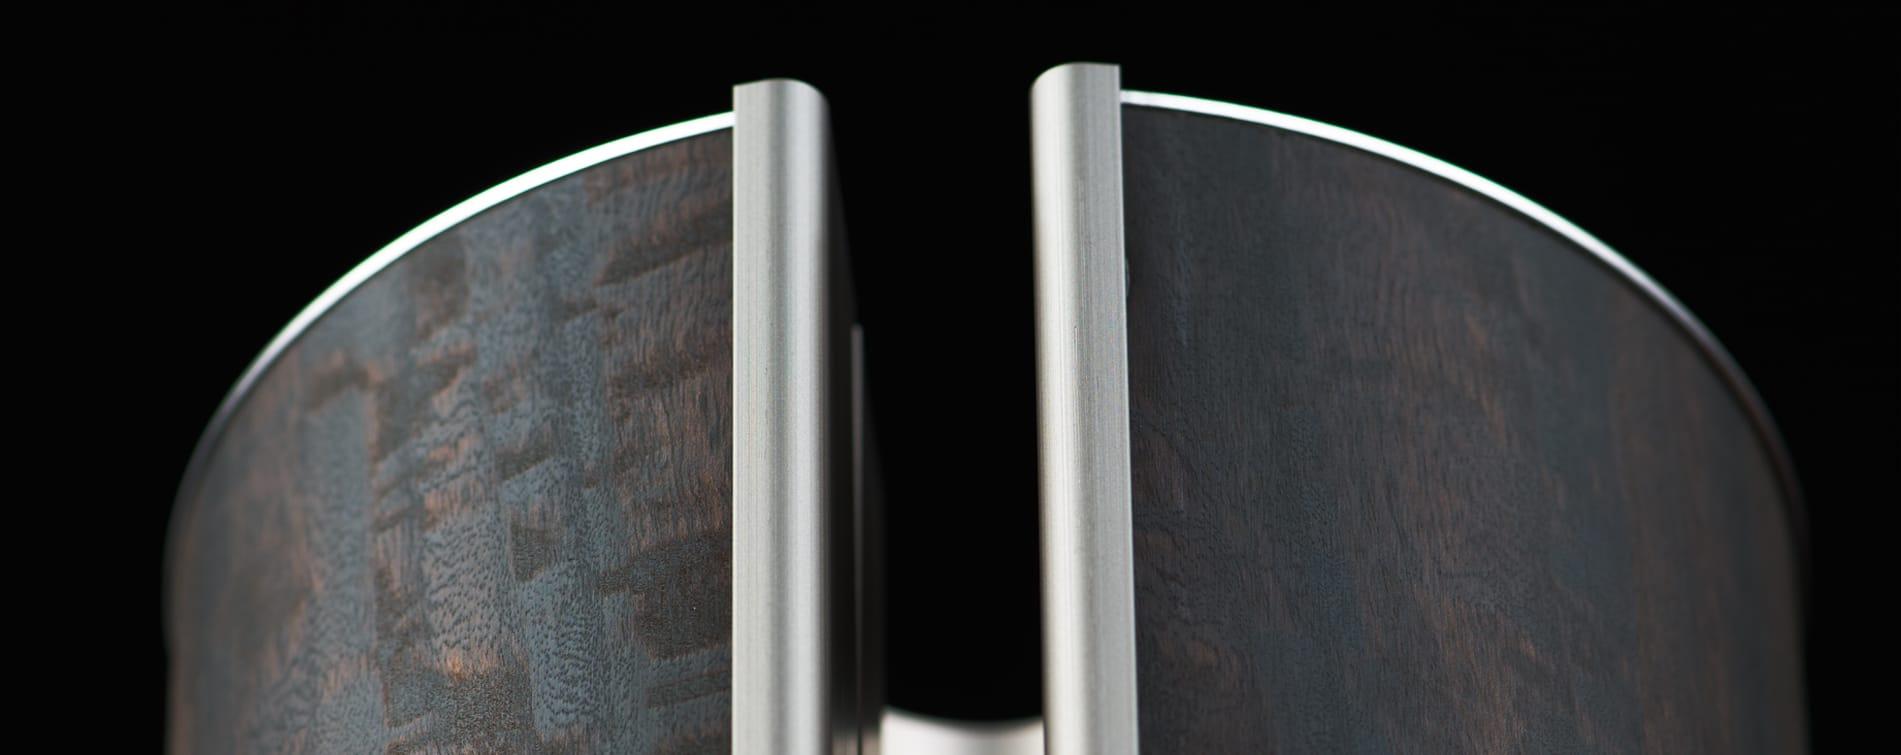 de prachtige velourstekening van het eucalyptus geeft deze illum urn een speciaal cachet